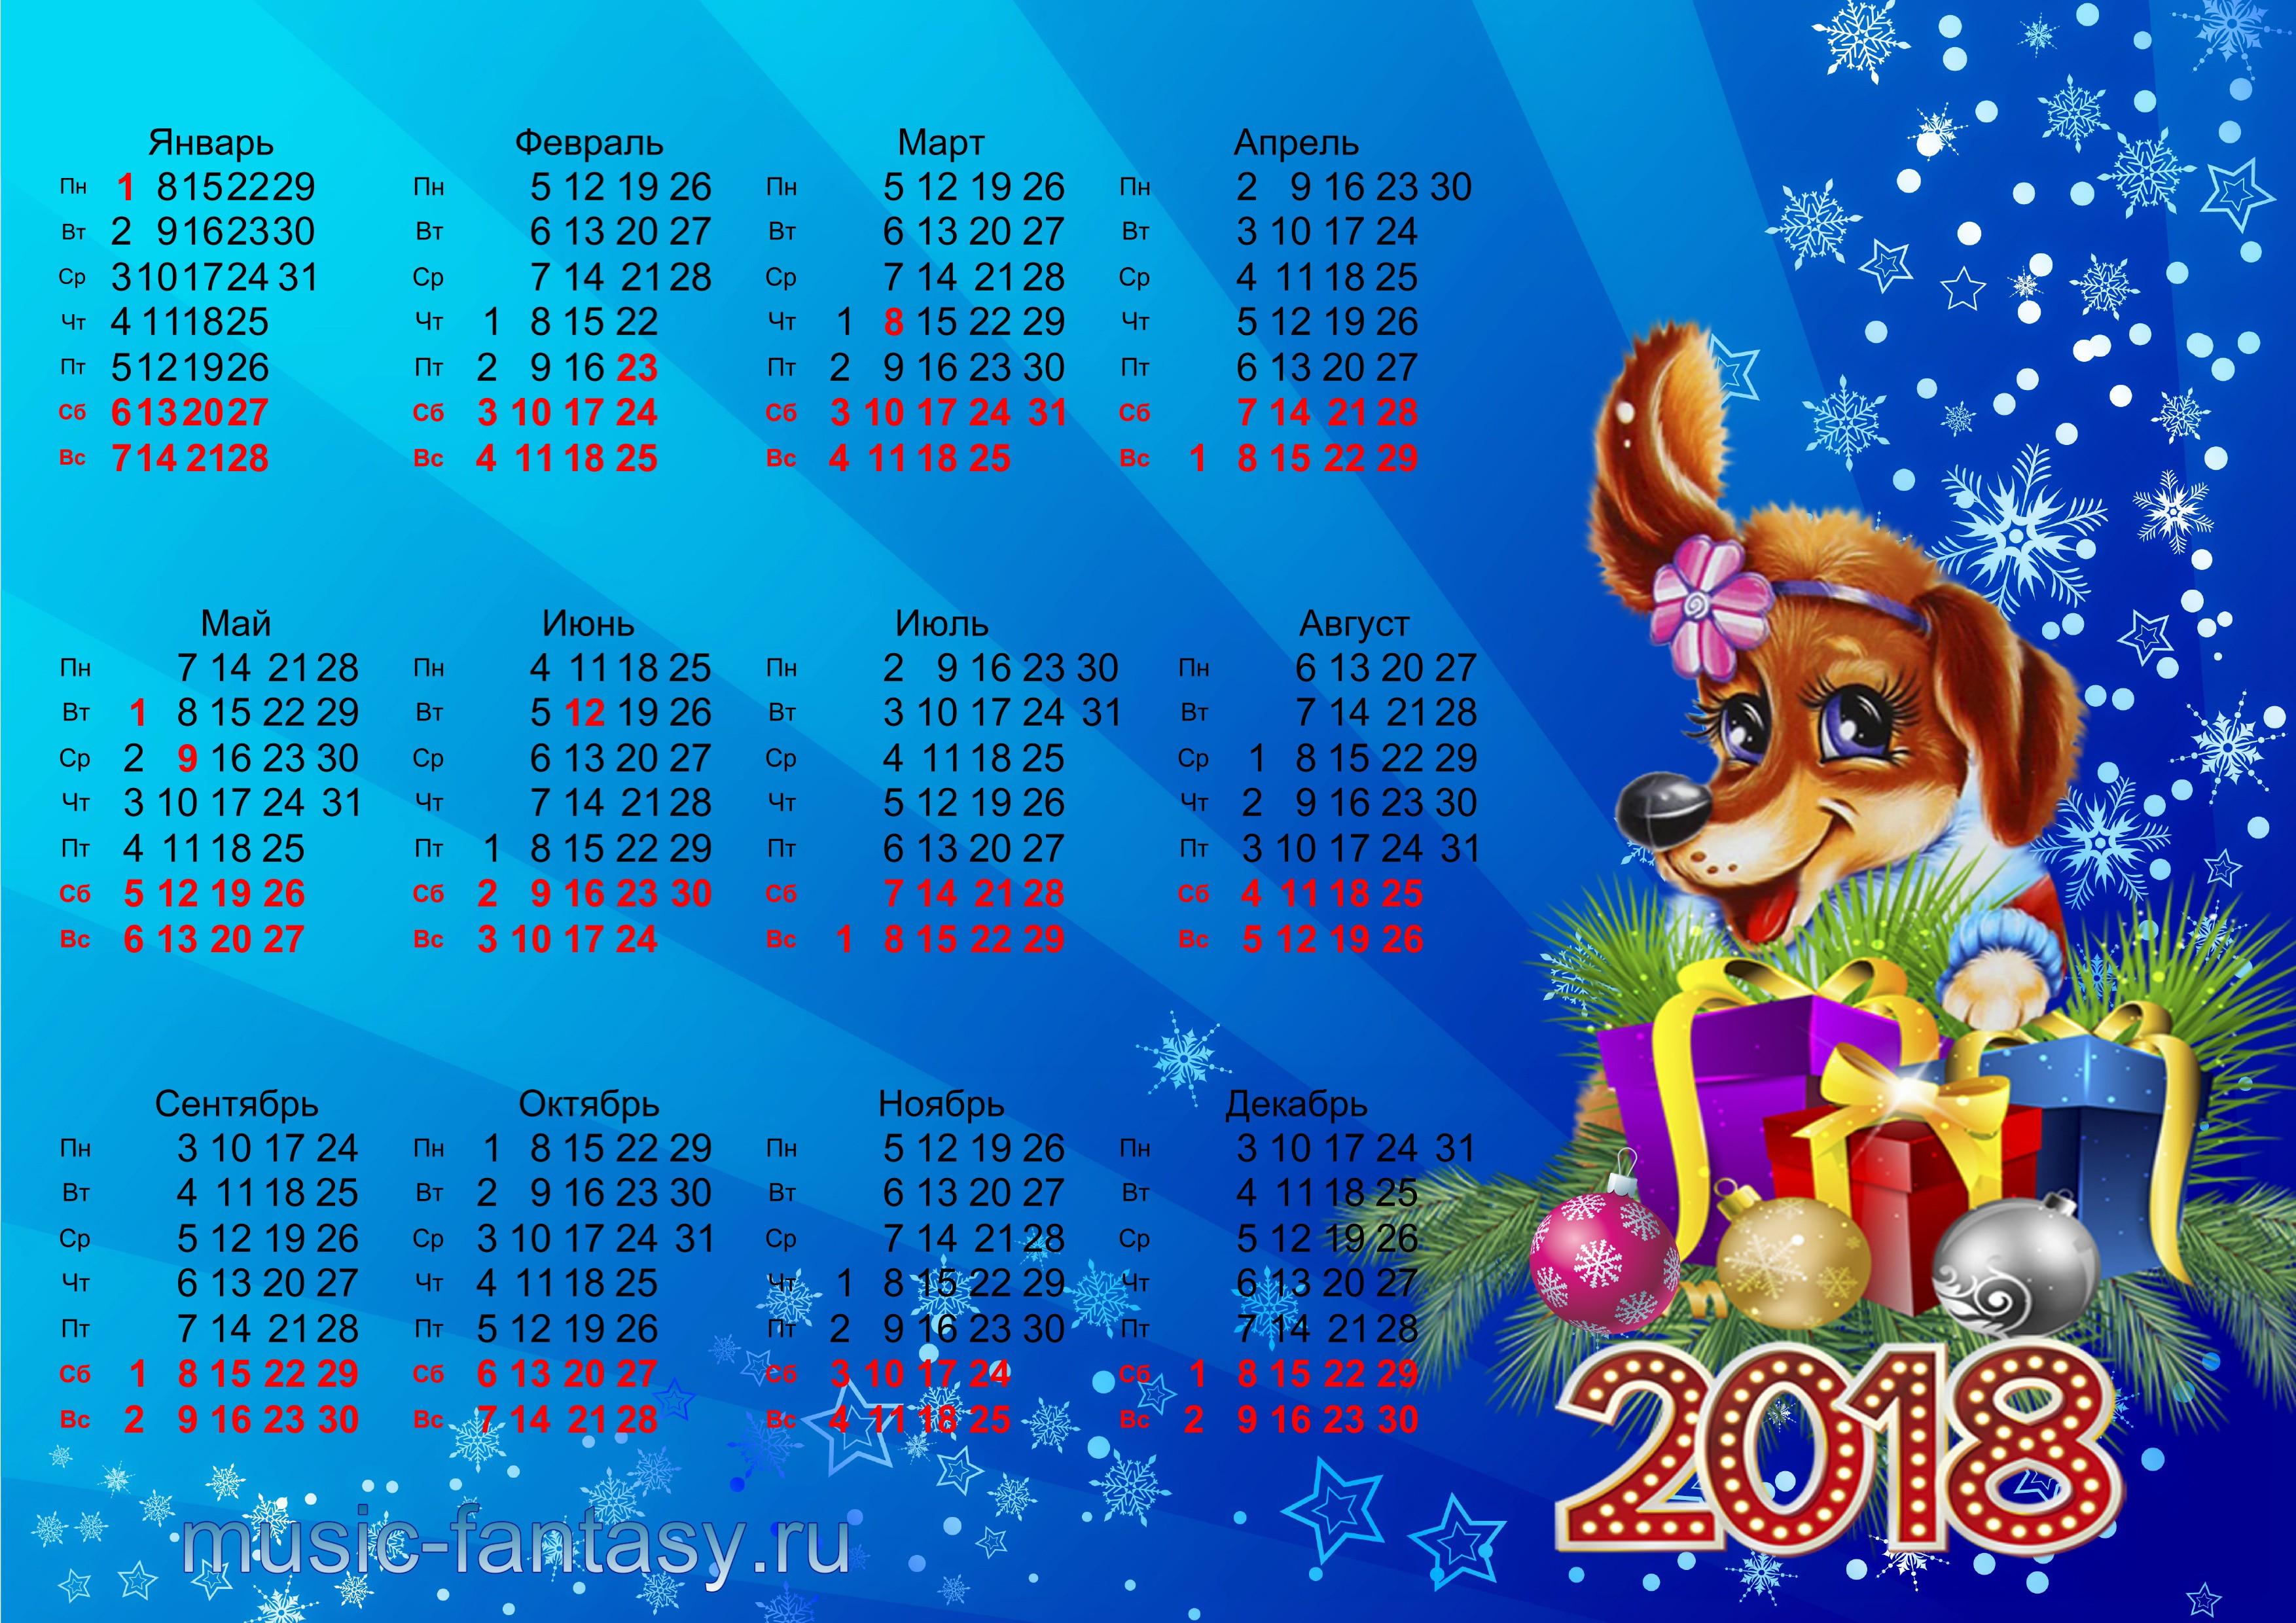 Как сделать календарь с праздниками 198